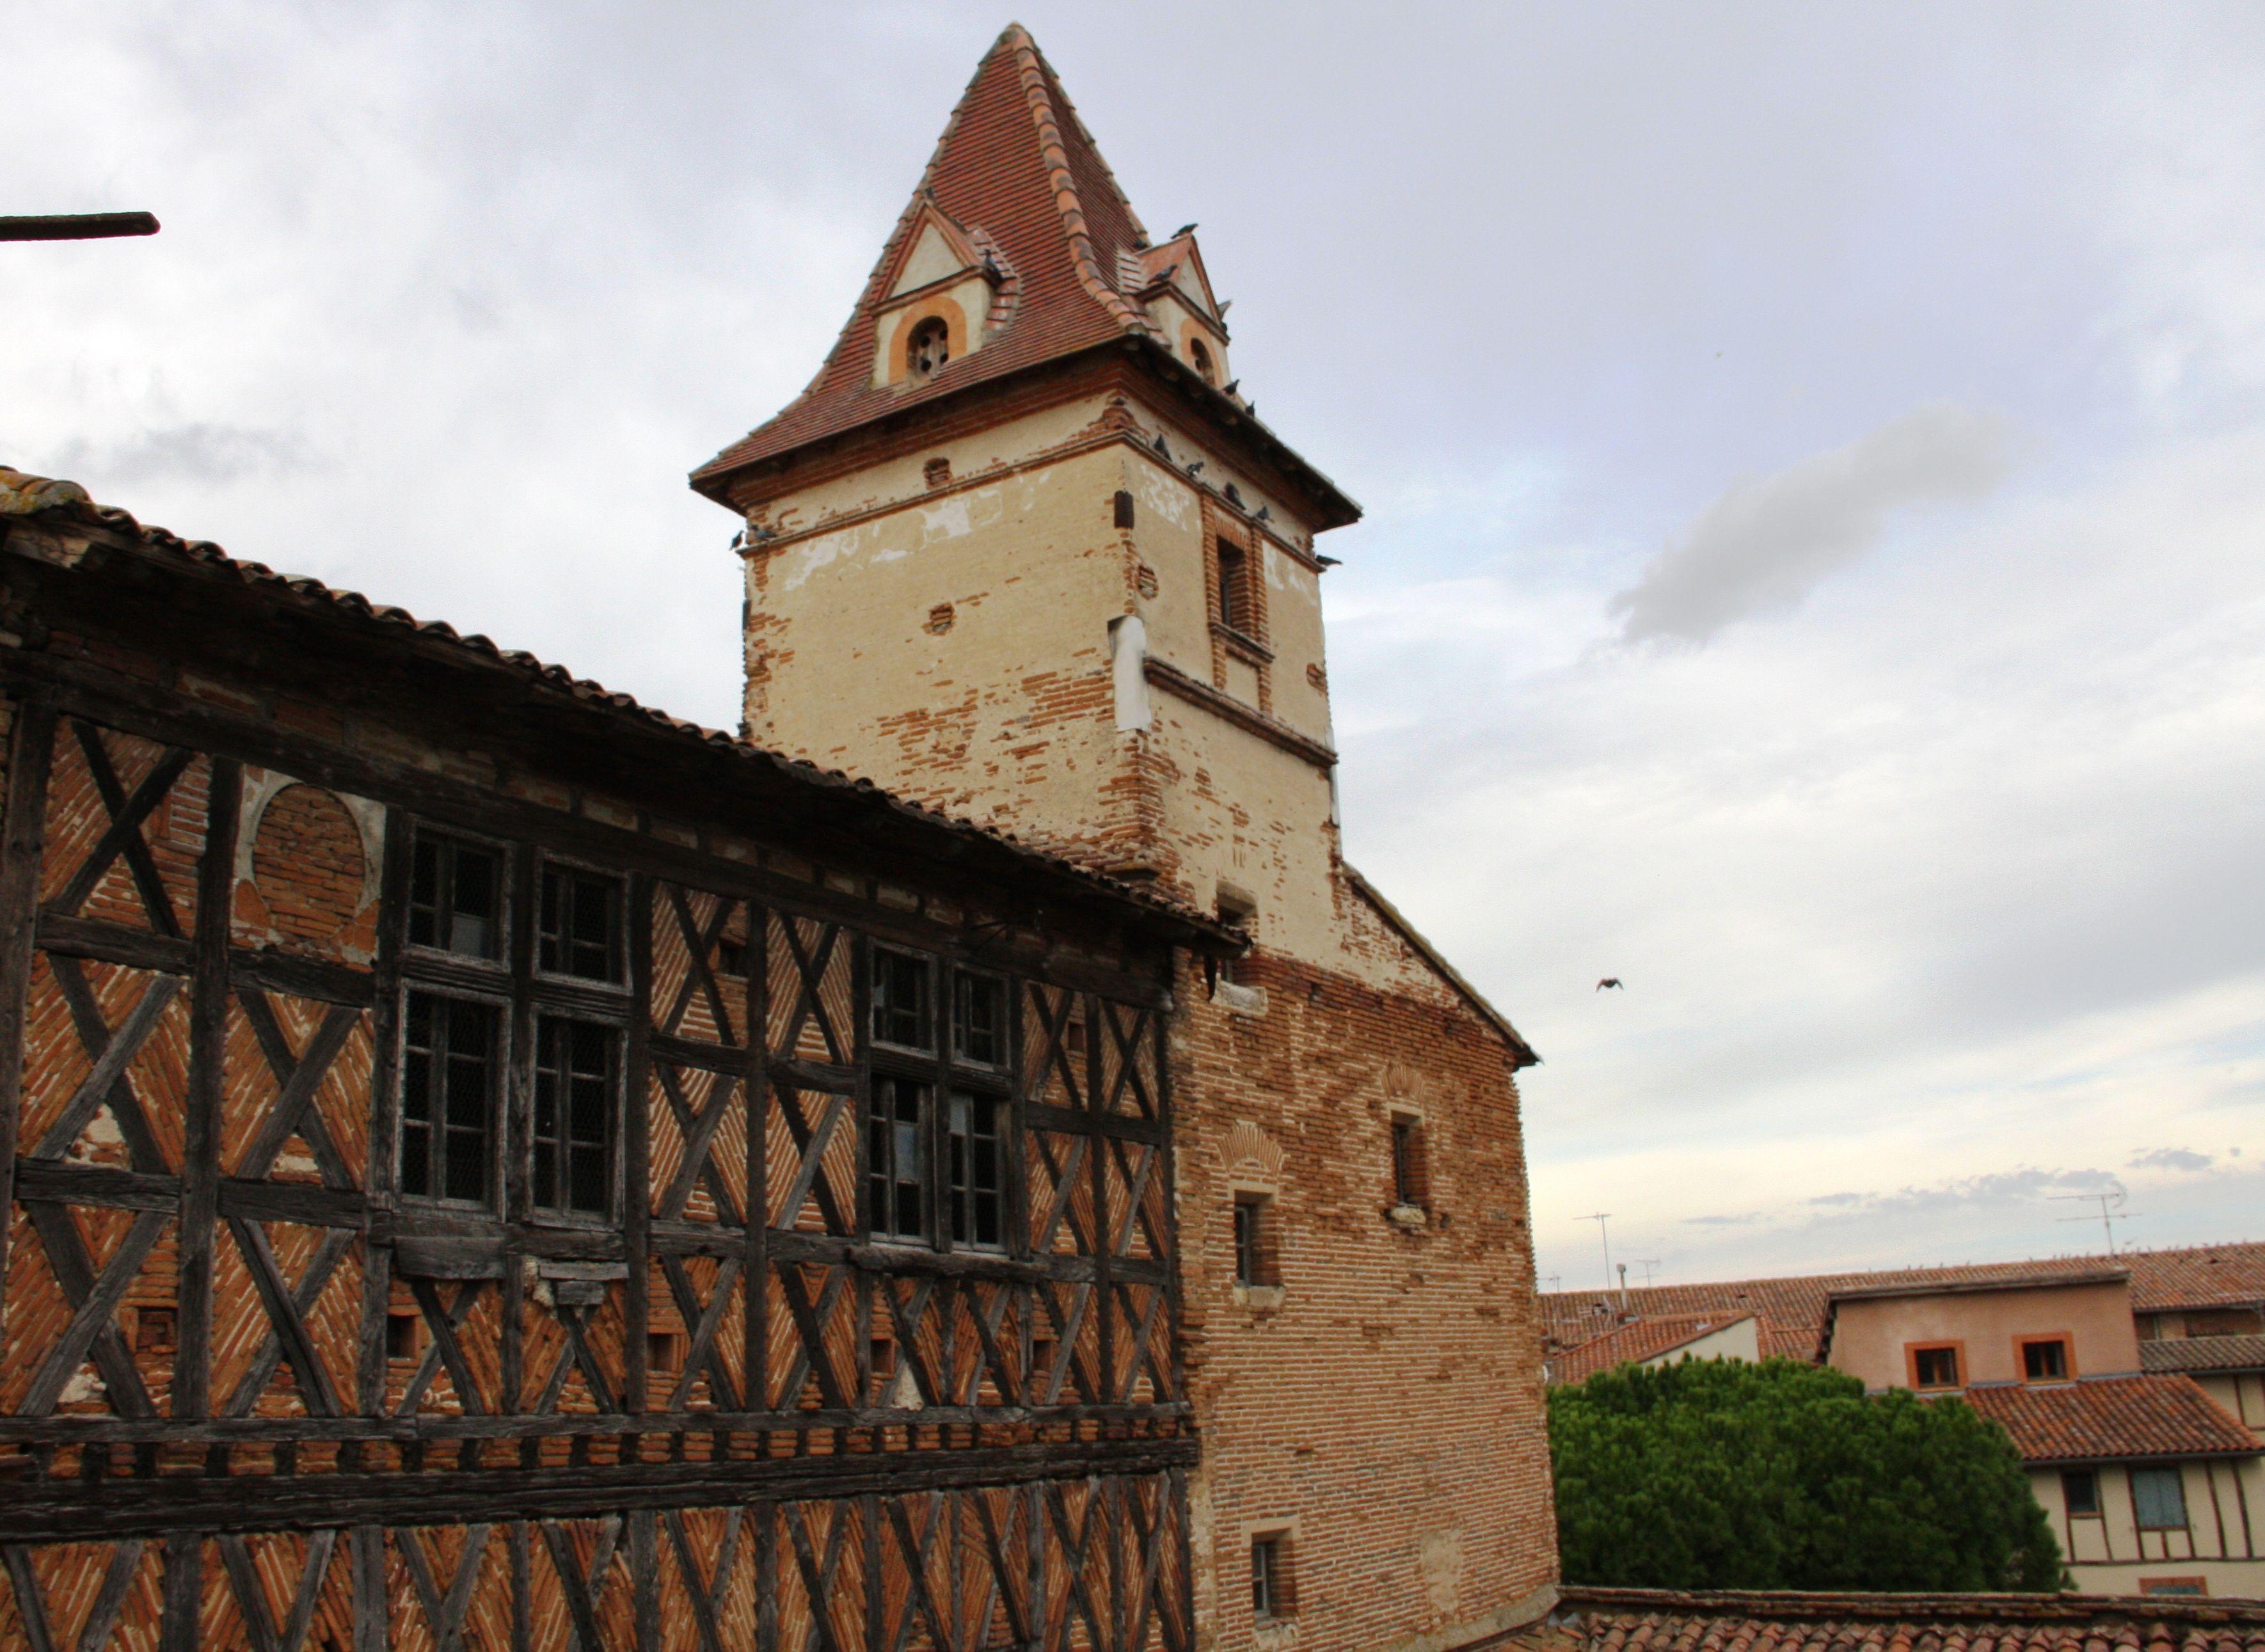 Maison Ysalguier à Auterive en Haute-Garonne